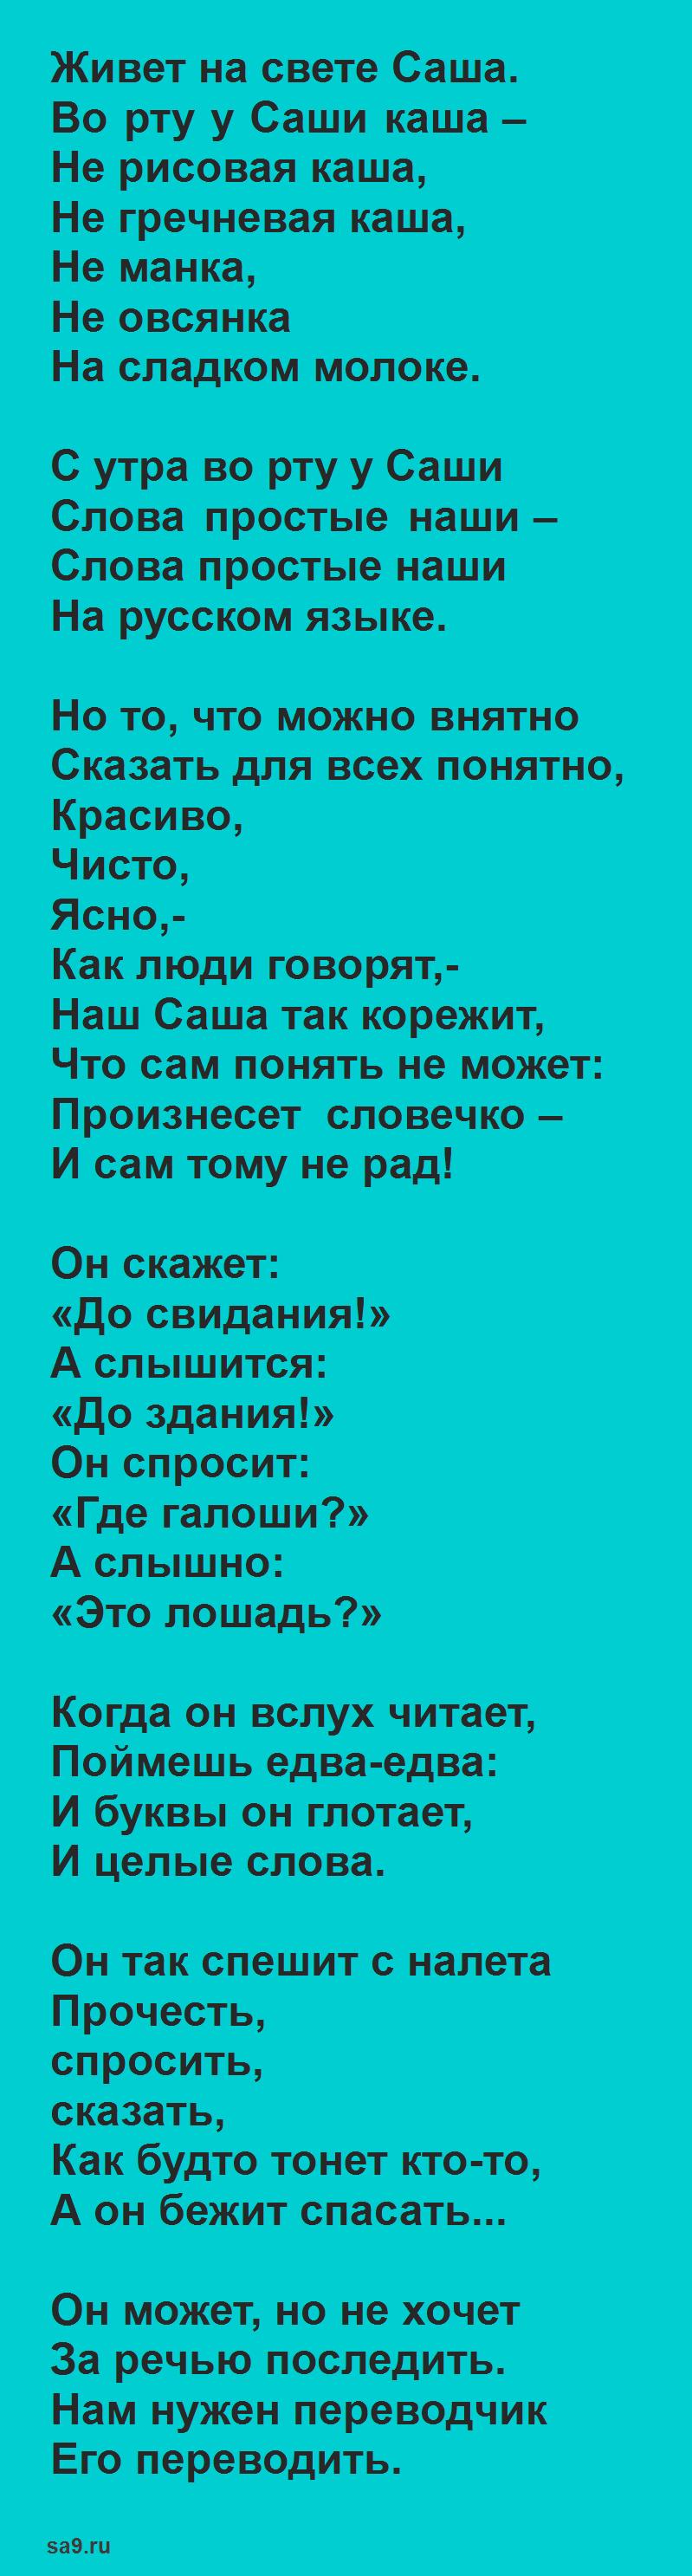 Сашина каша, Михалков стихи для детей 1 класса